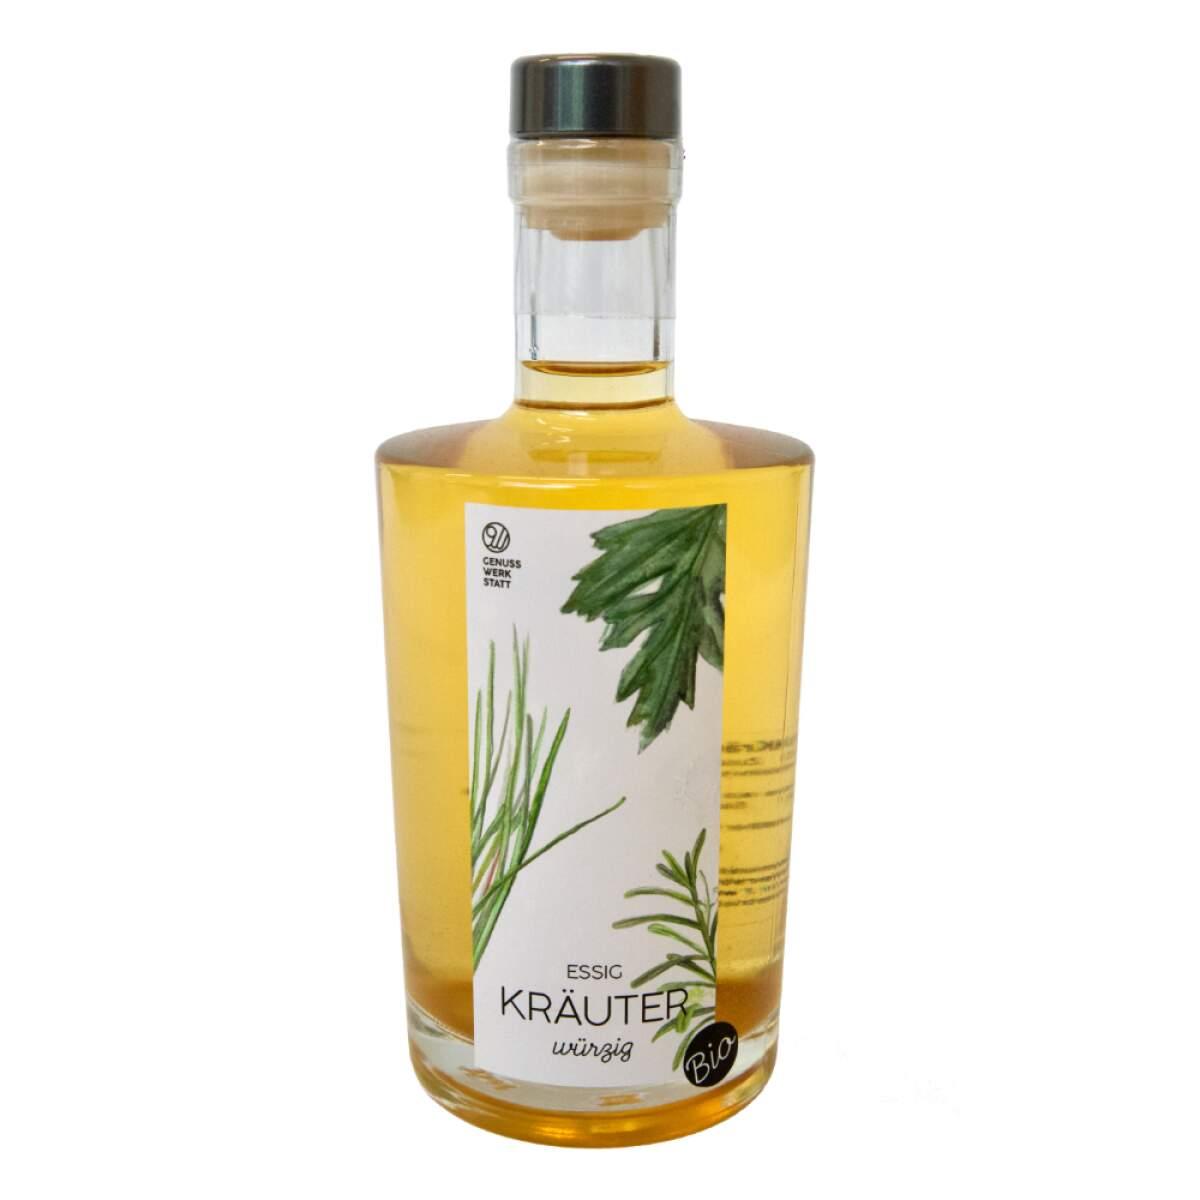 Essig-Flasche-0-35-Kr-uter_3442_1000px